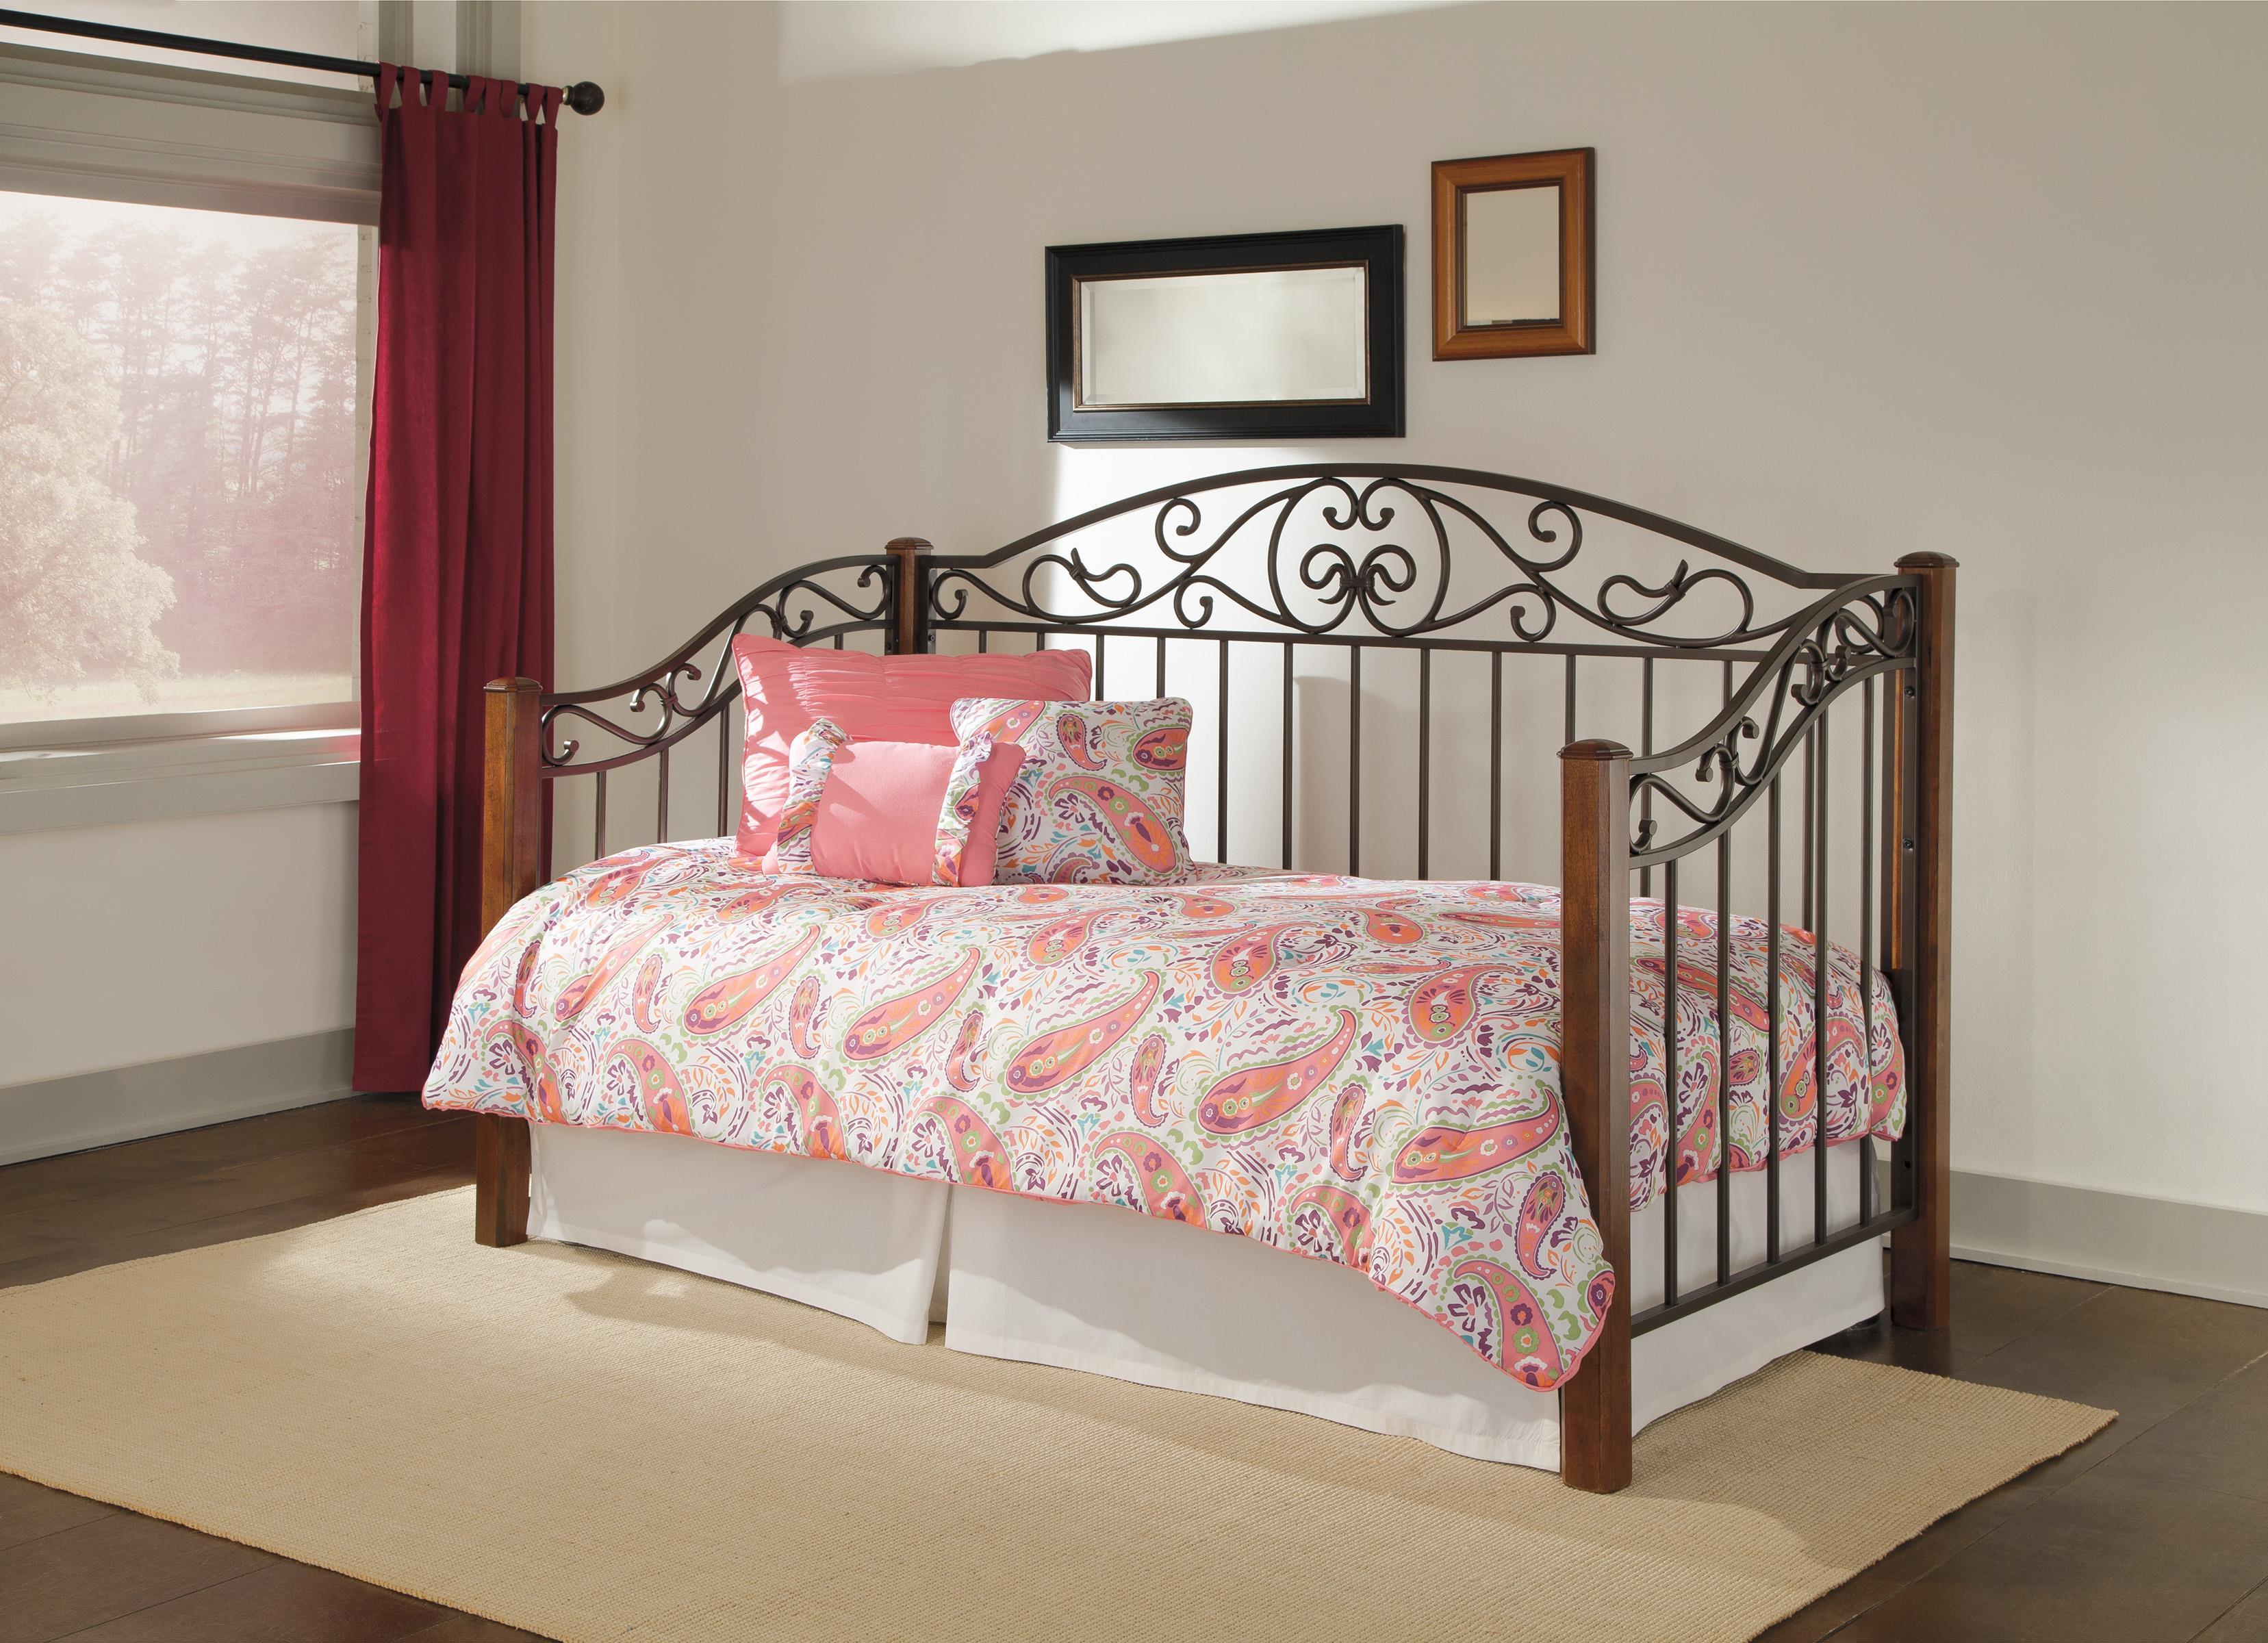 wyatt b429 by signature design by ashley del sol furniture